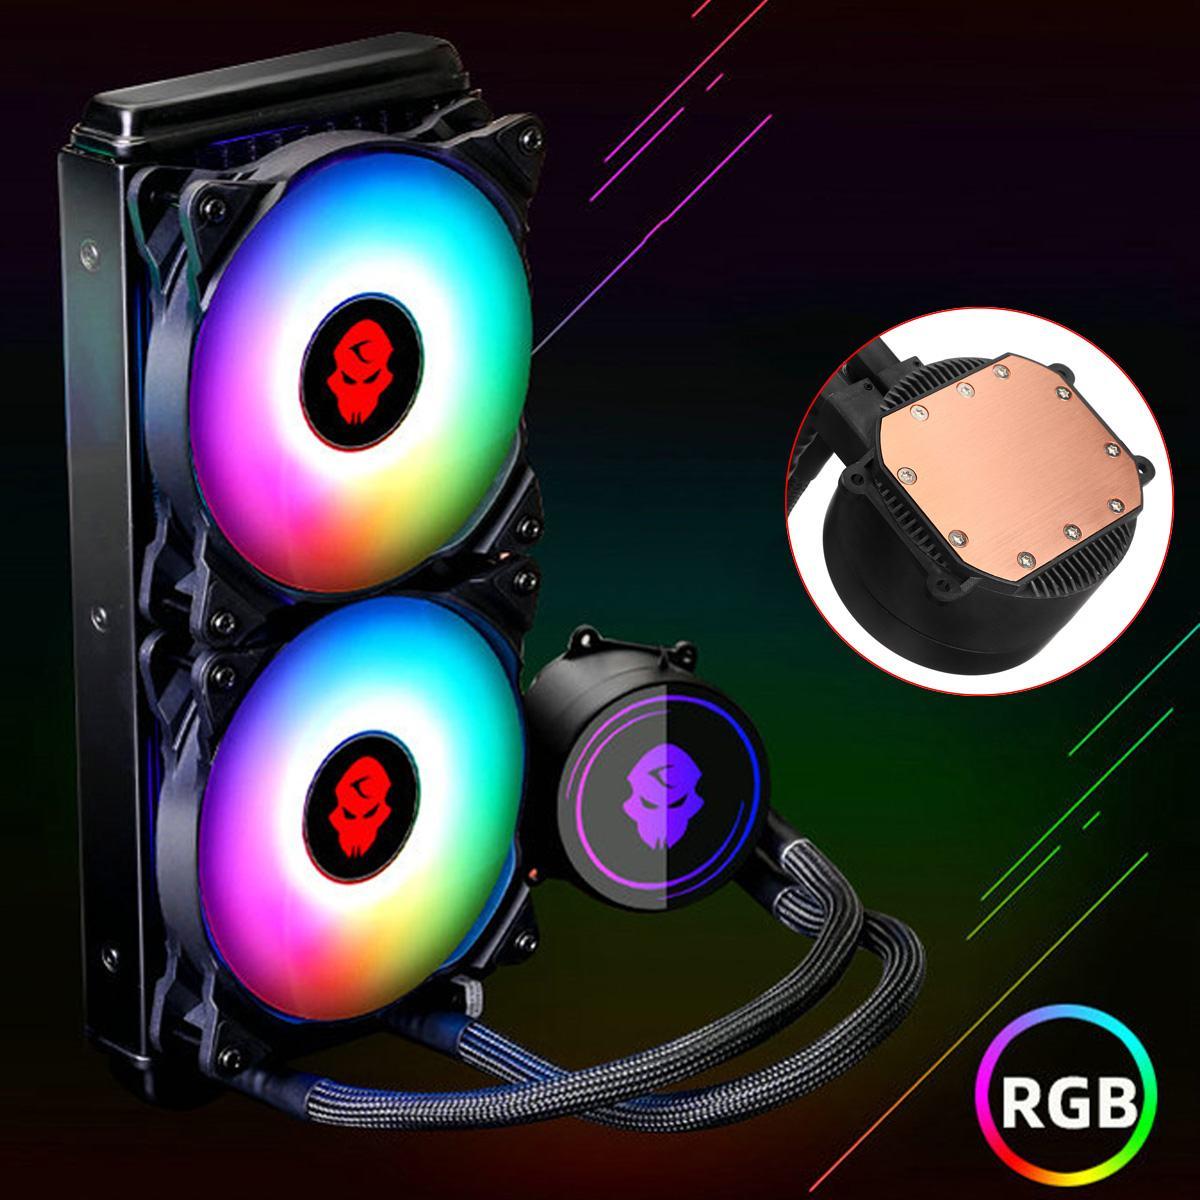 Refroidisseur d'eau du radiateur 240mm de refroidissement par eau de CPU de rvb avec le ventilateur de refroidissement de CPU de 4pin PWM pour Intel LGA 2011 775 115X1366 AMD pour le jeu